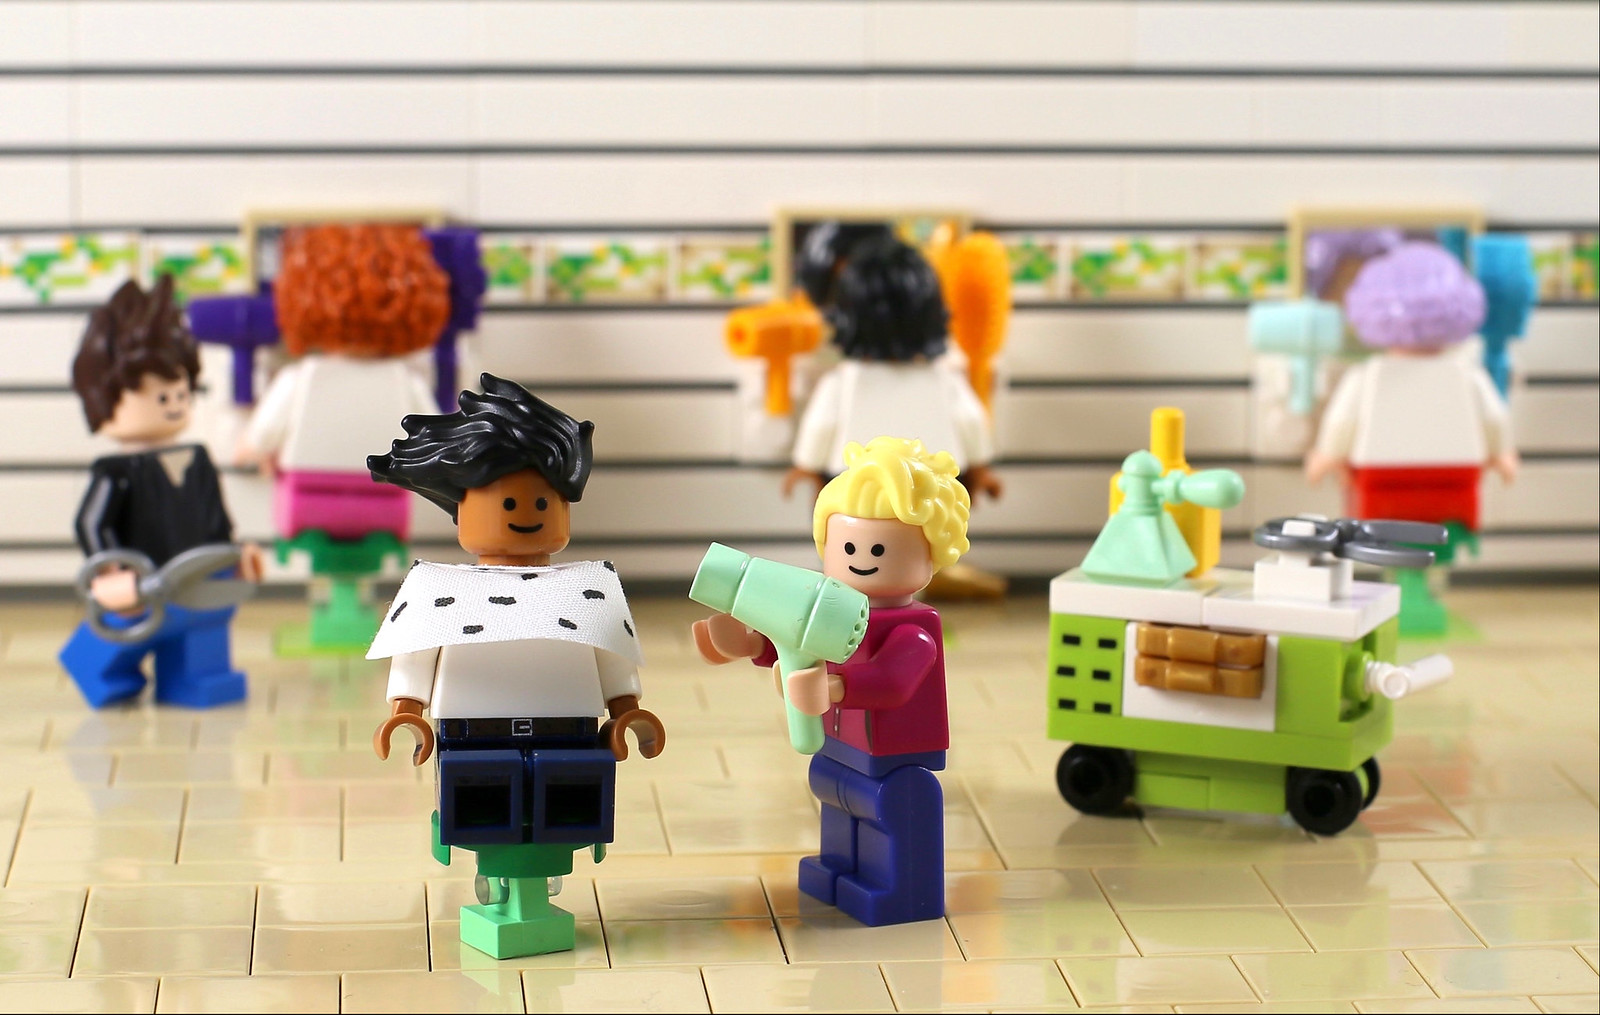 LEGO NEW REDDISH BROWN MINIIGURE SHORT HAIR BOWL CUT BOY FIGURE PIECE